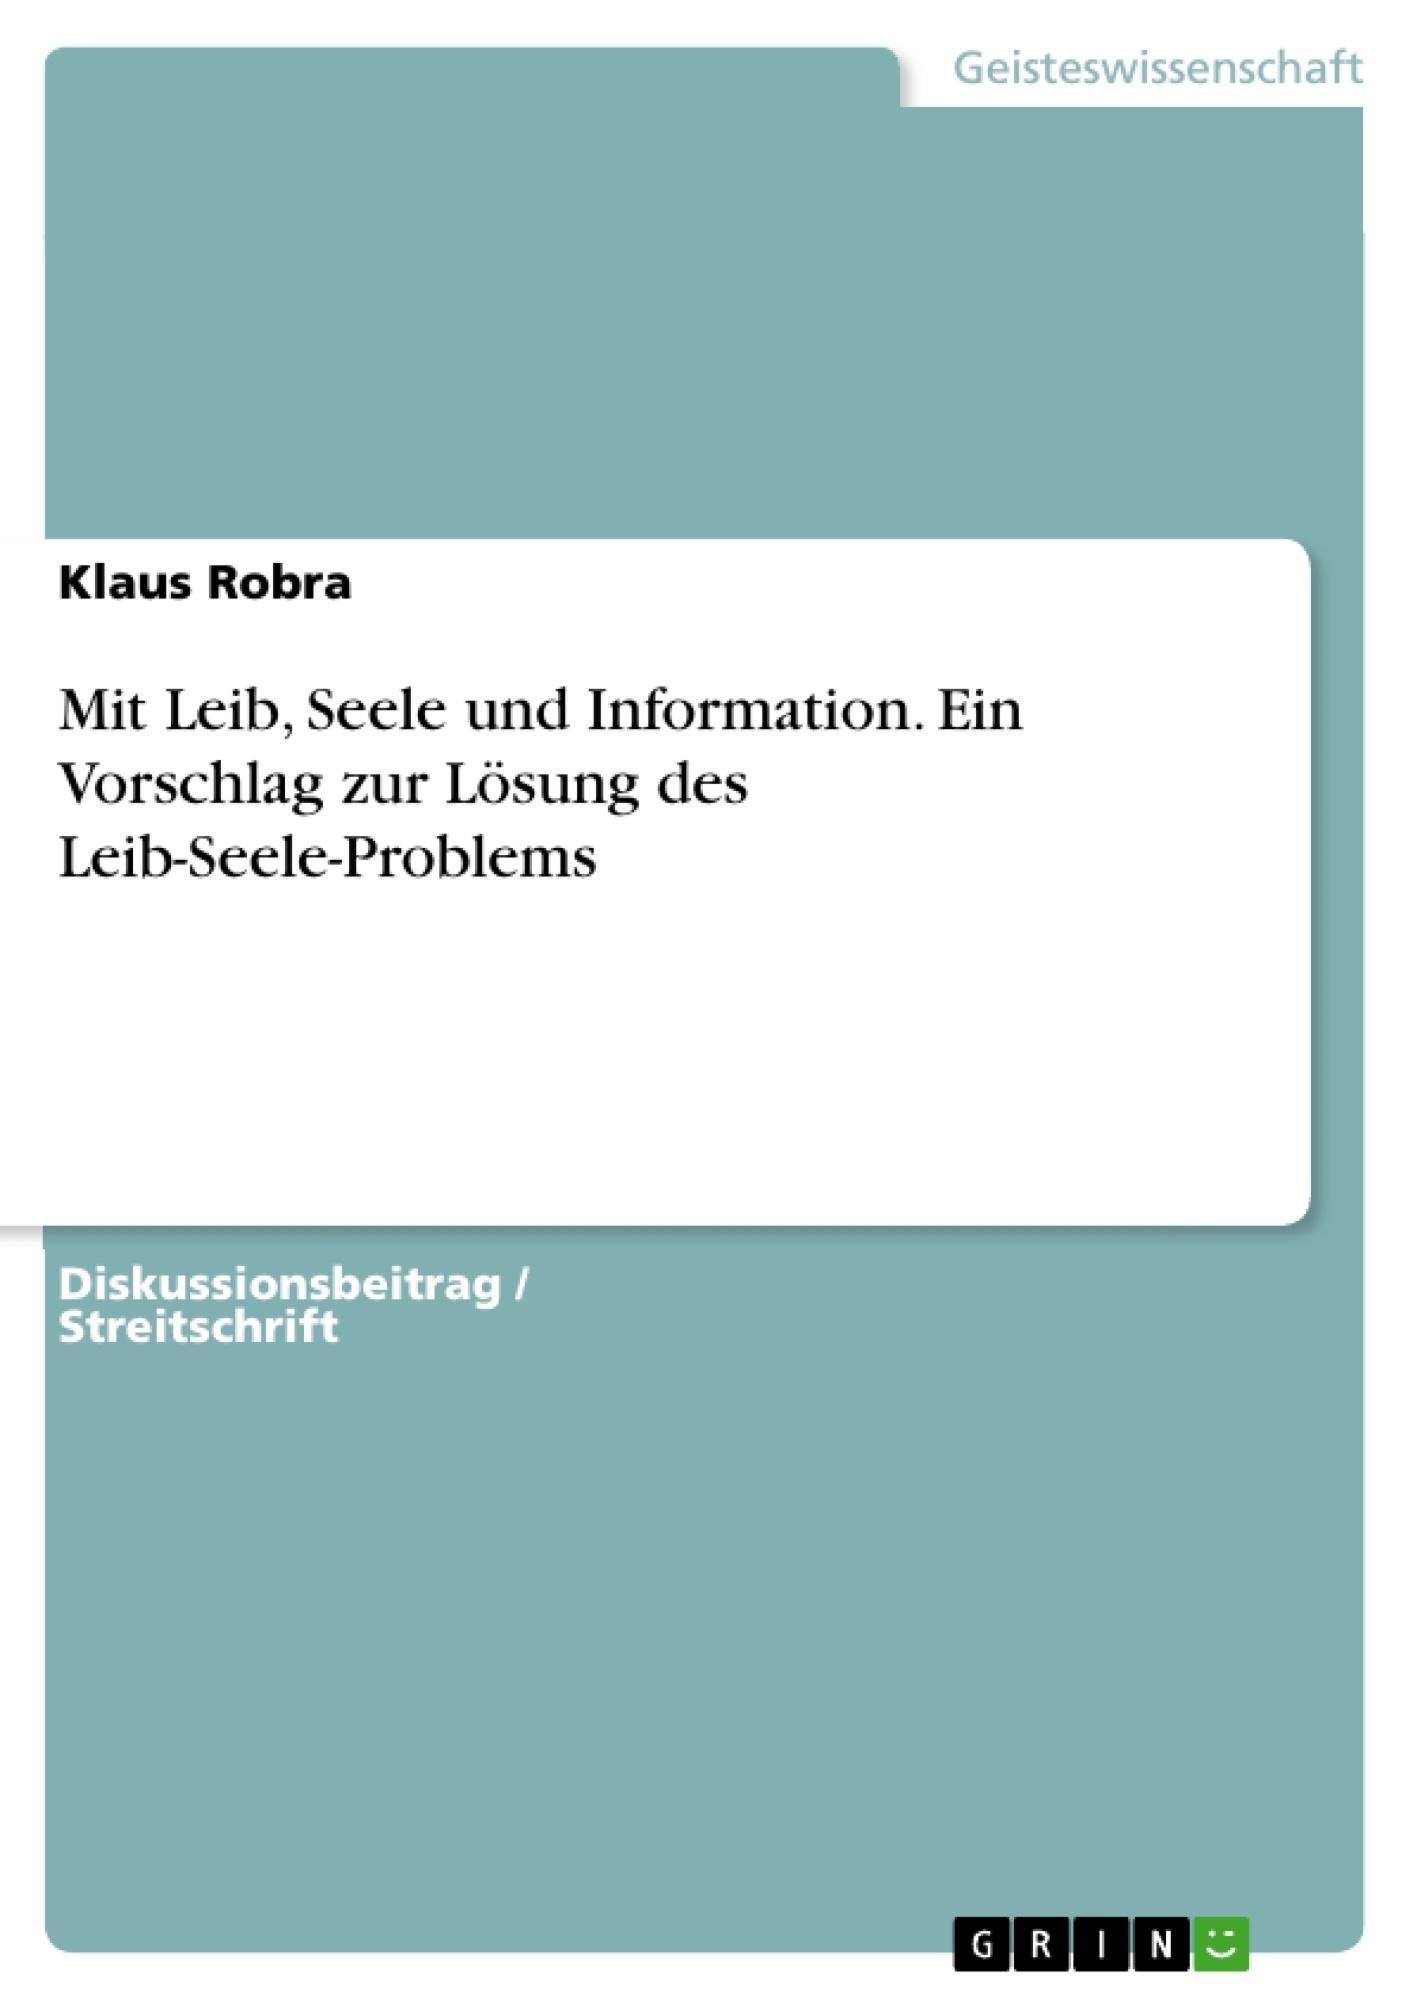 Titel: Mit Leib, Seele und Information. Ein Vorschlag zur Lösung des Leib-Seele-Problems